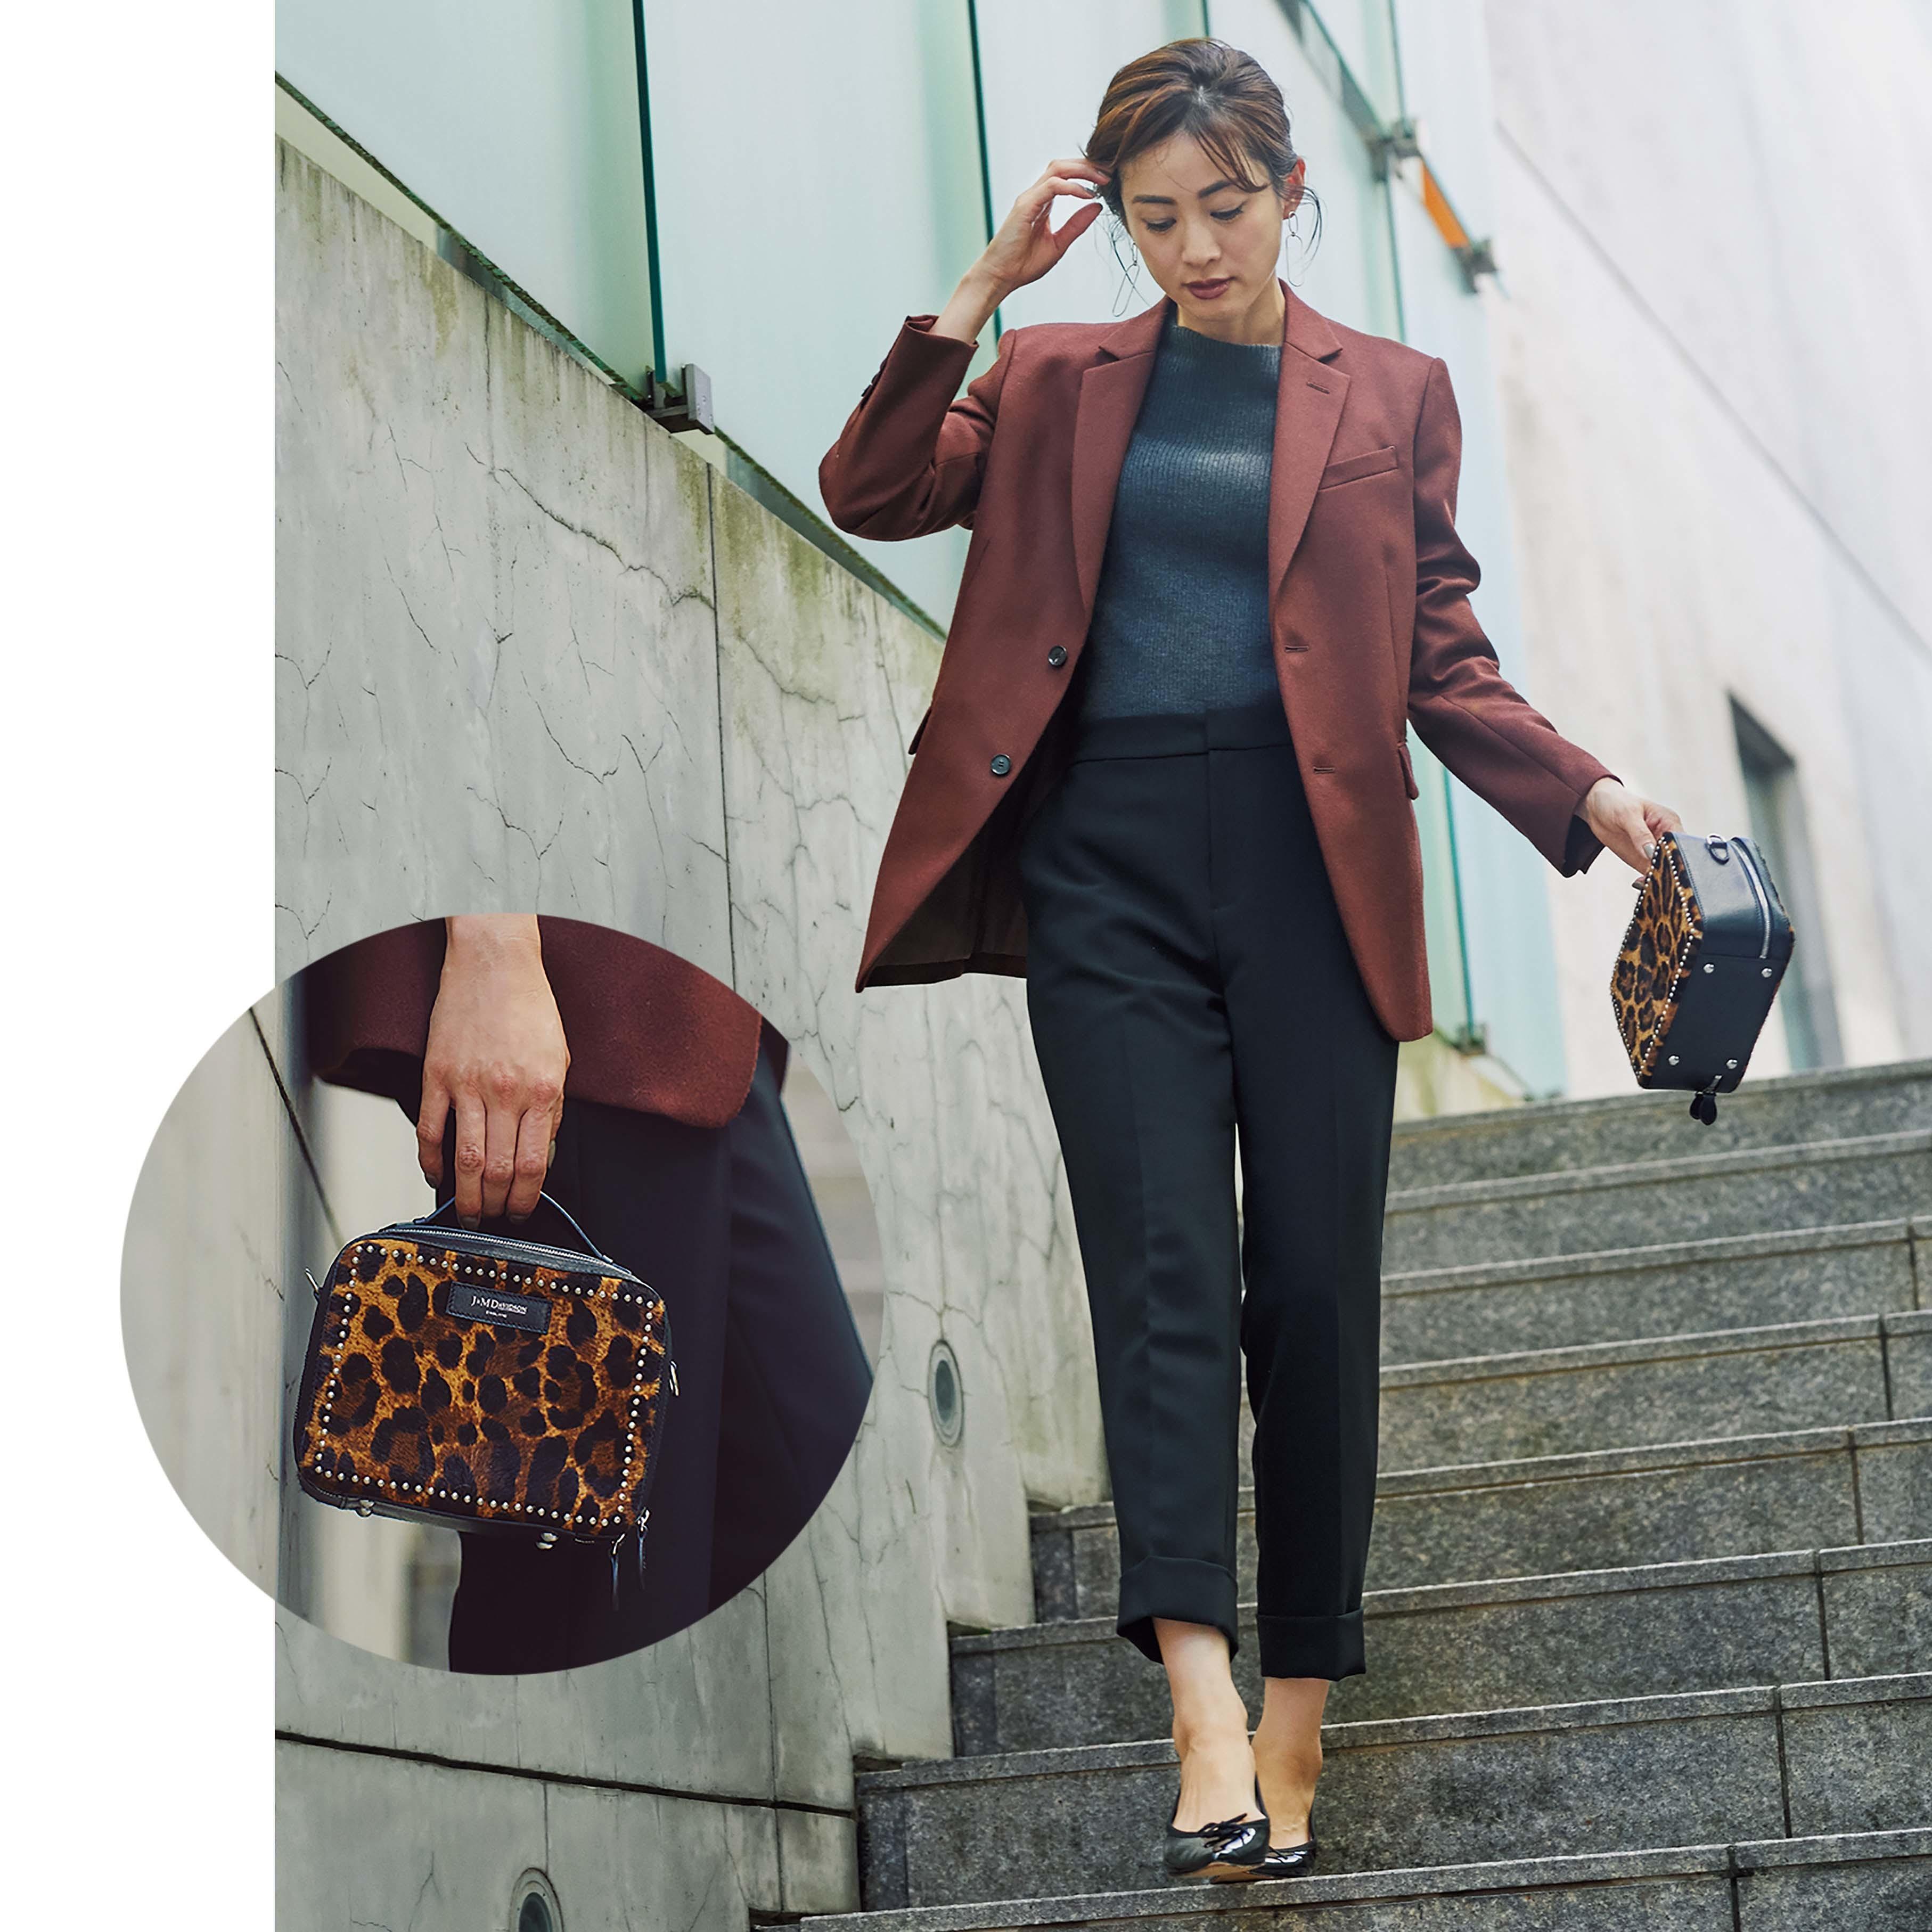 ジャケット×パンツ×ミニバッグのファッションコーデ